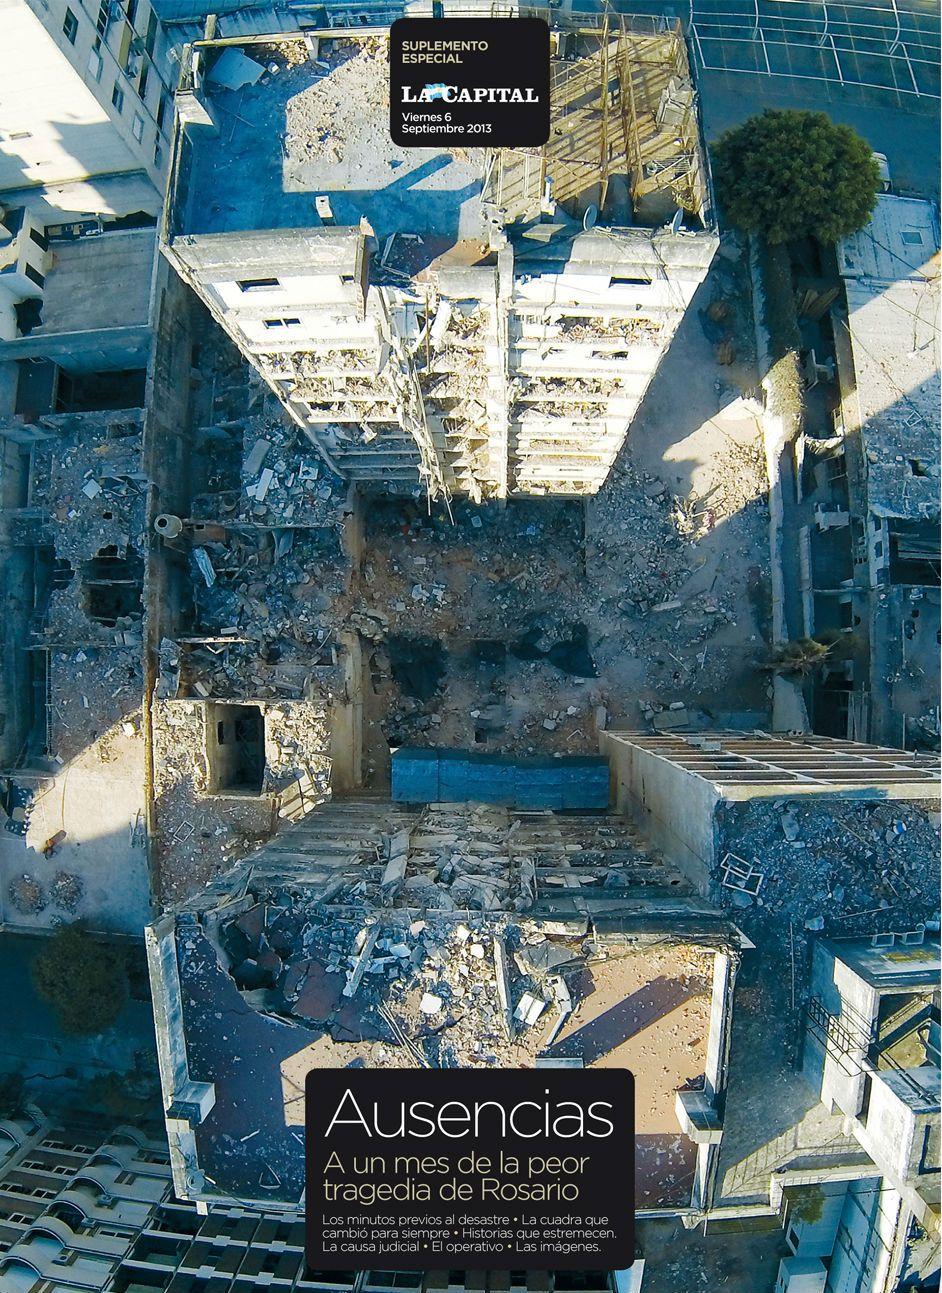 La portada del suplemento especial Ausencias que se edita hoy con el diario La Capital